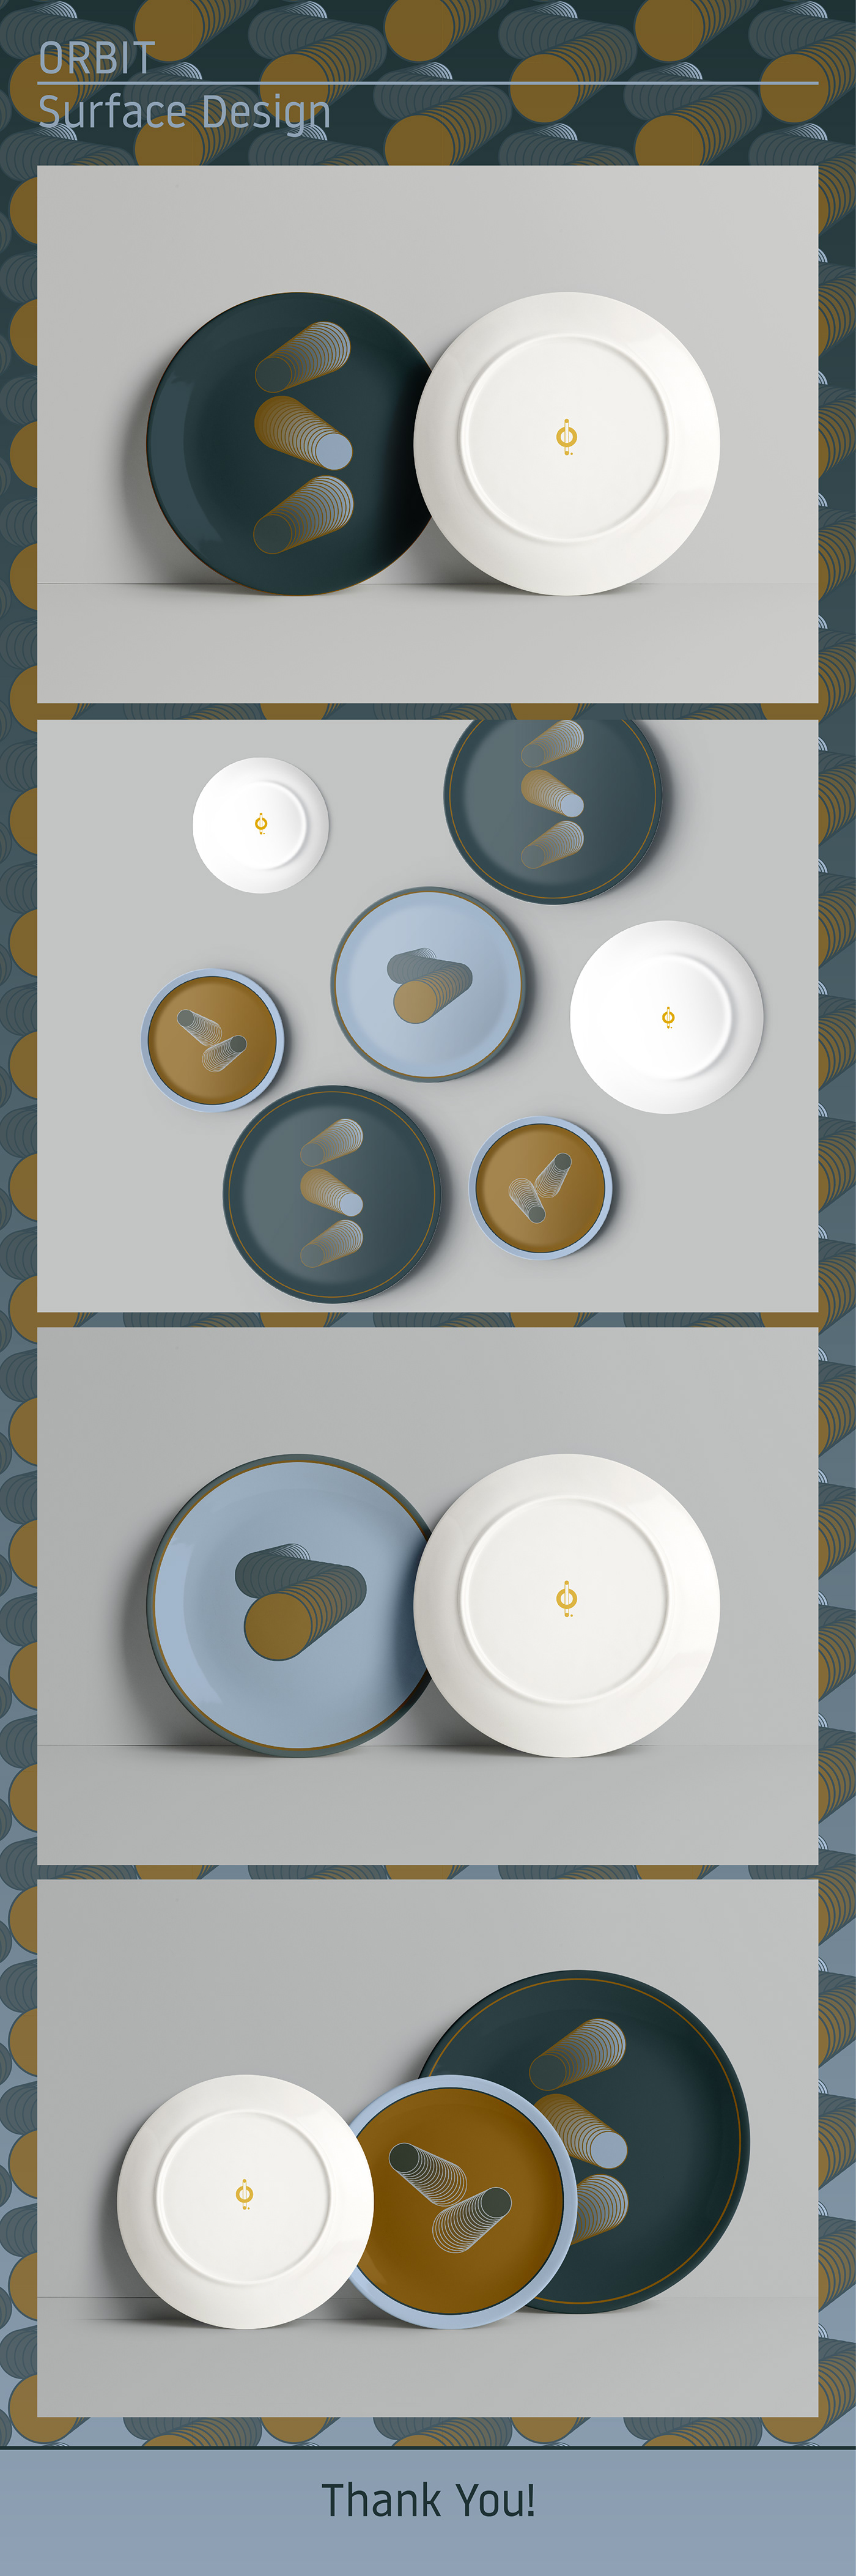 diseñodeestampados diseñodeimpresos diseñodesuperficies patterndesign printdesign surfacedesign surfacepatterndesign